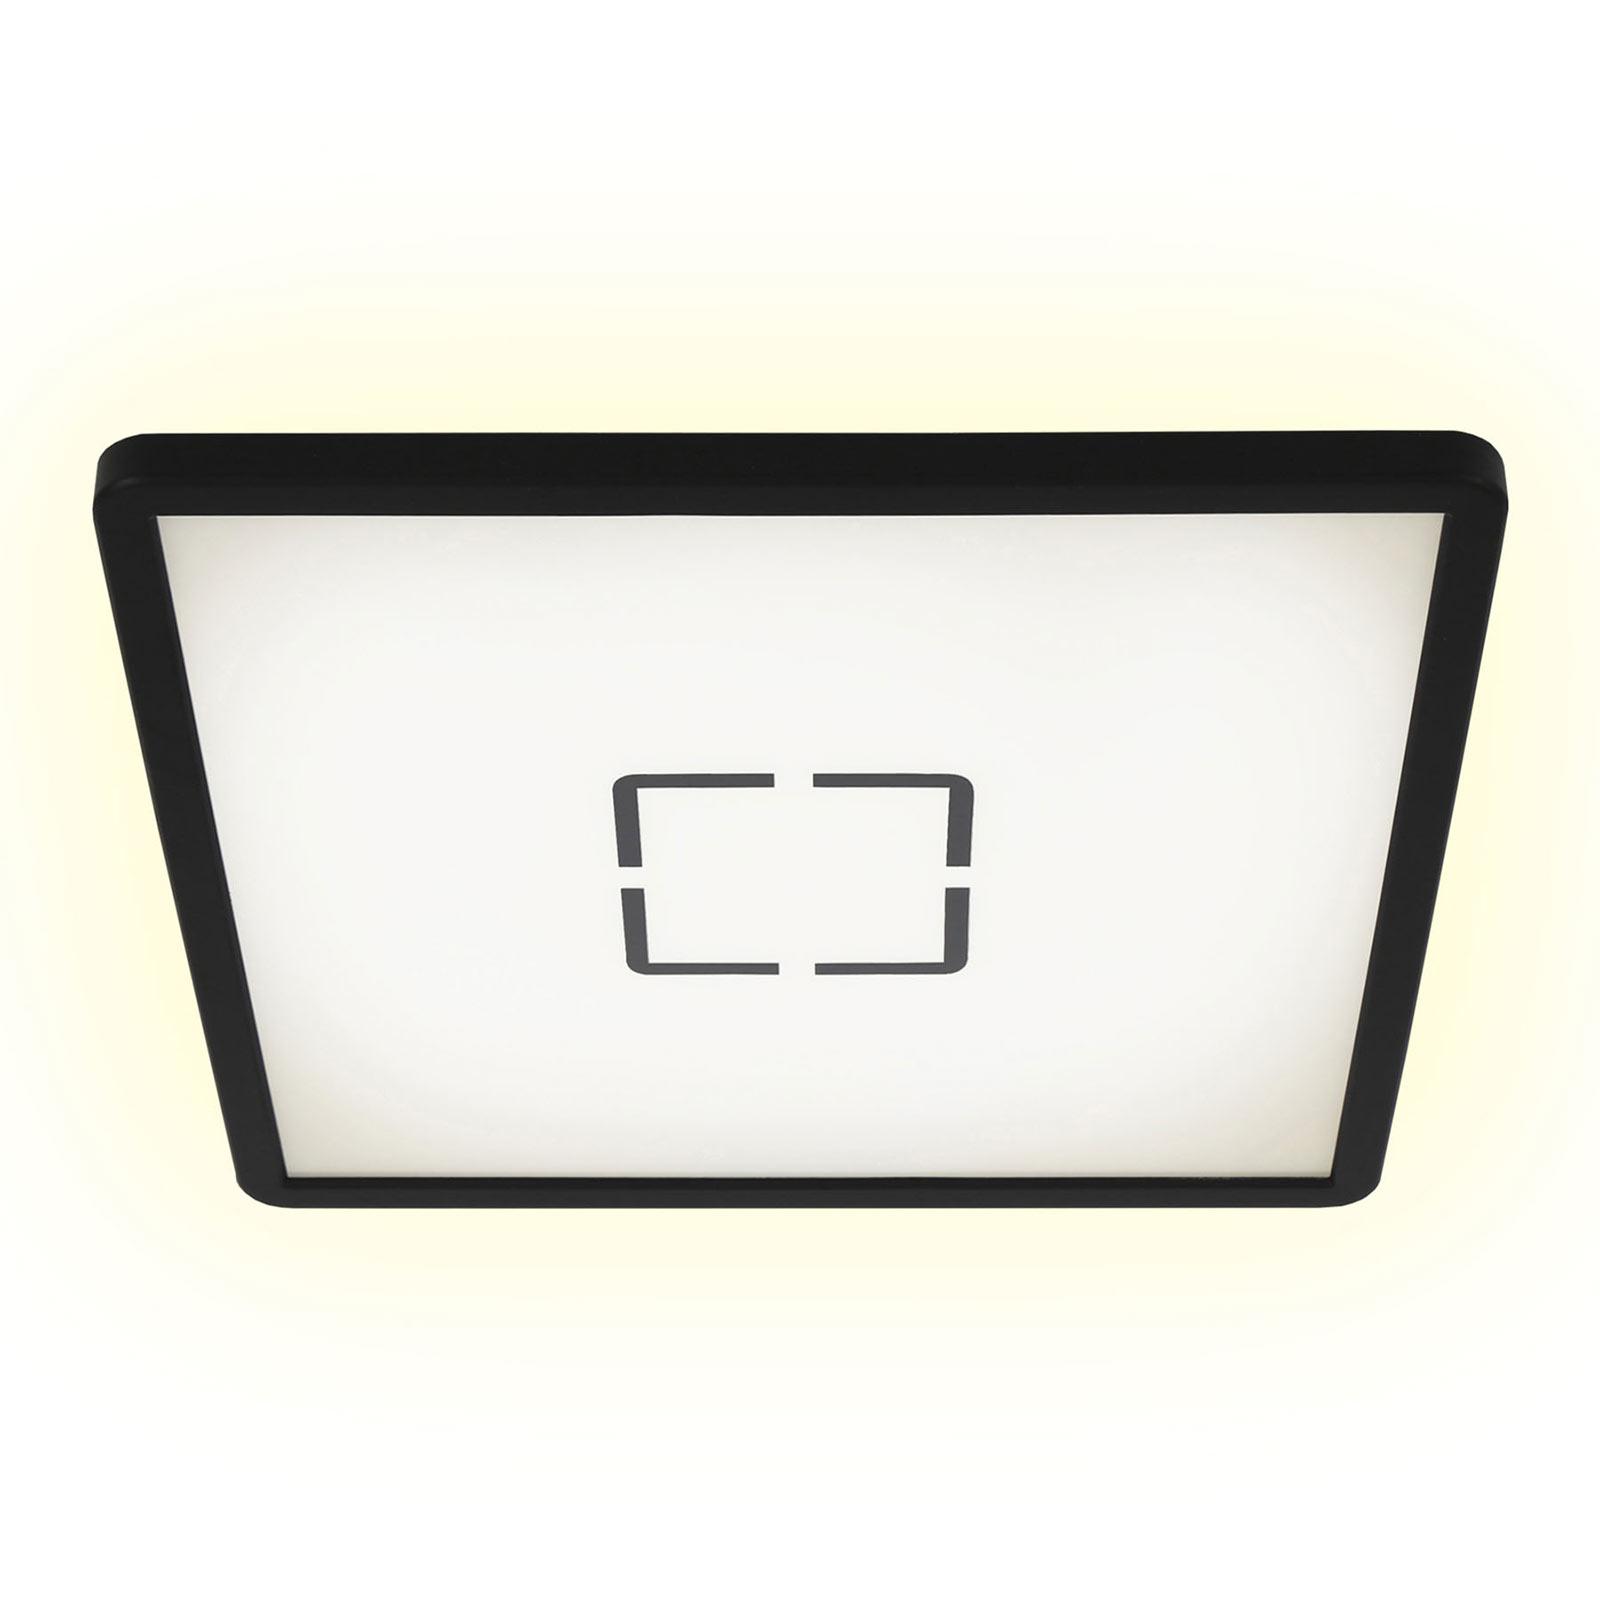 LED-Deckenlampe Free, 29 x 29 cm, schwarz